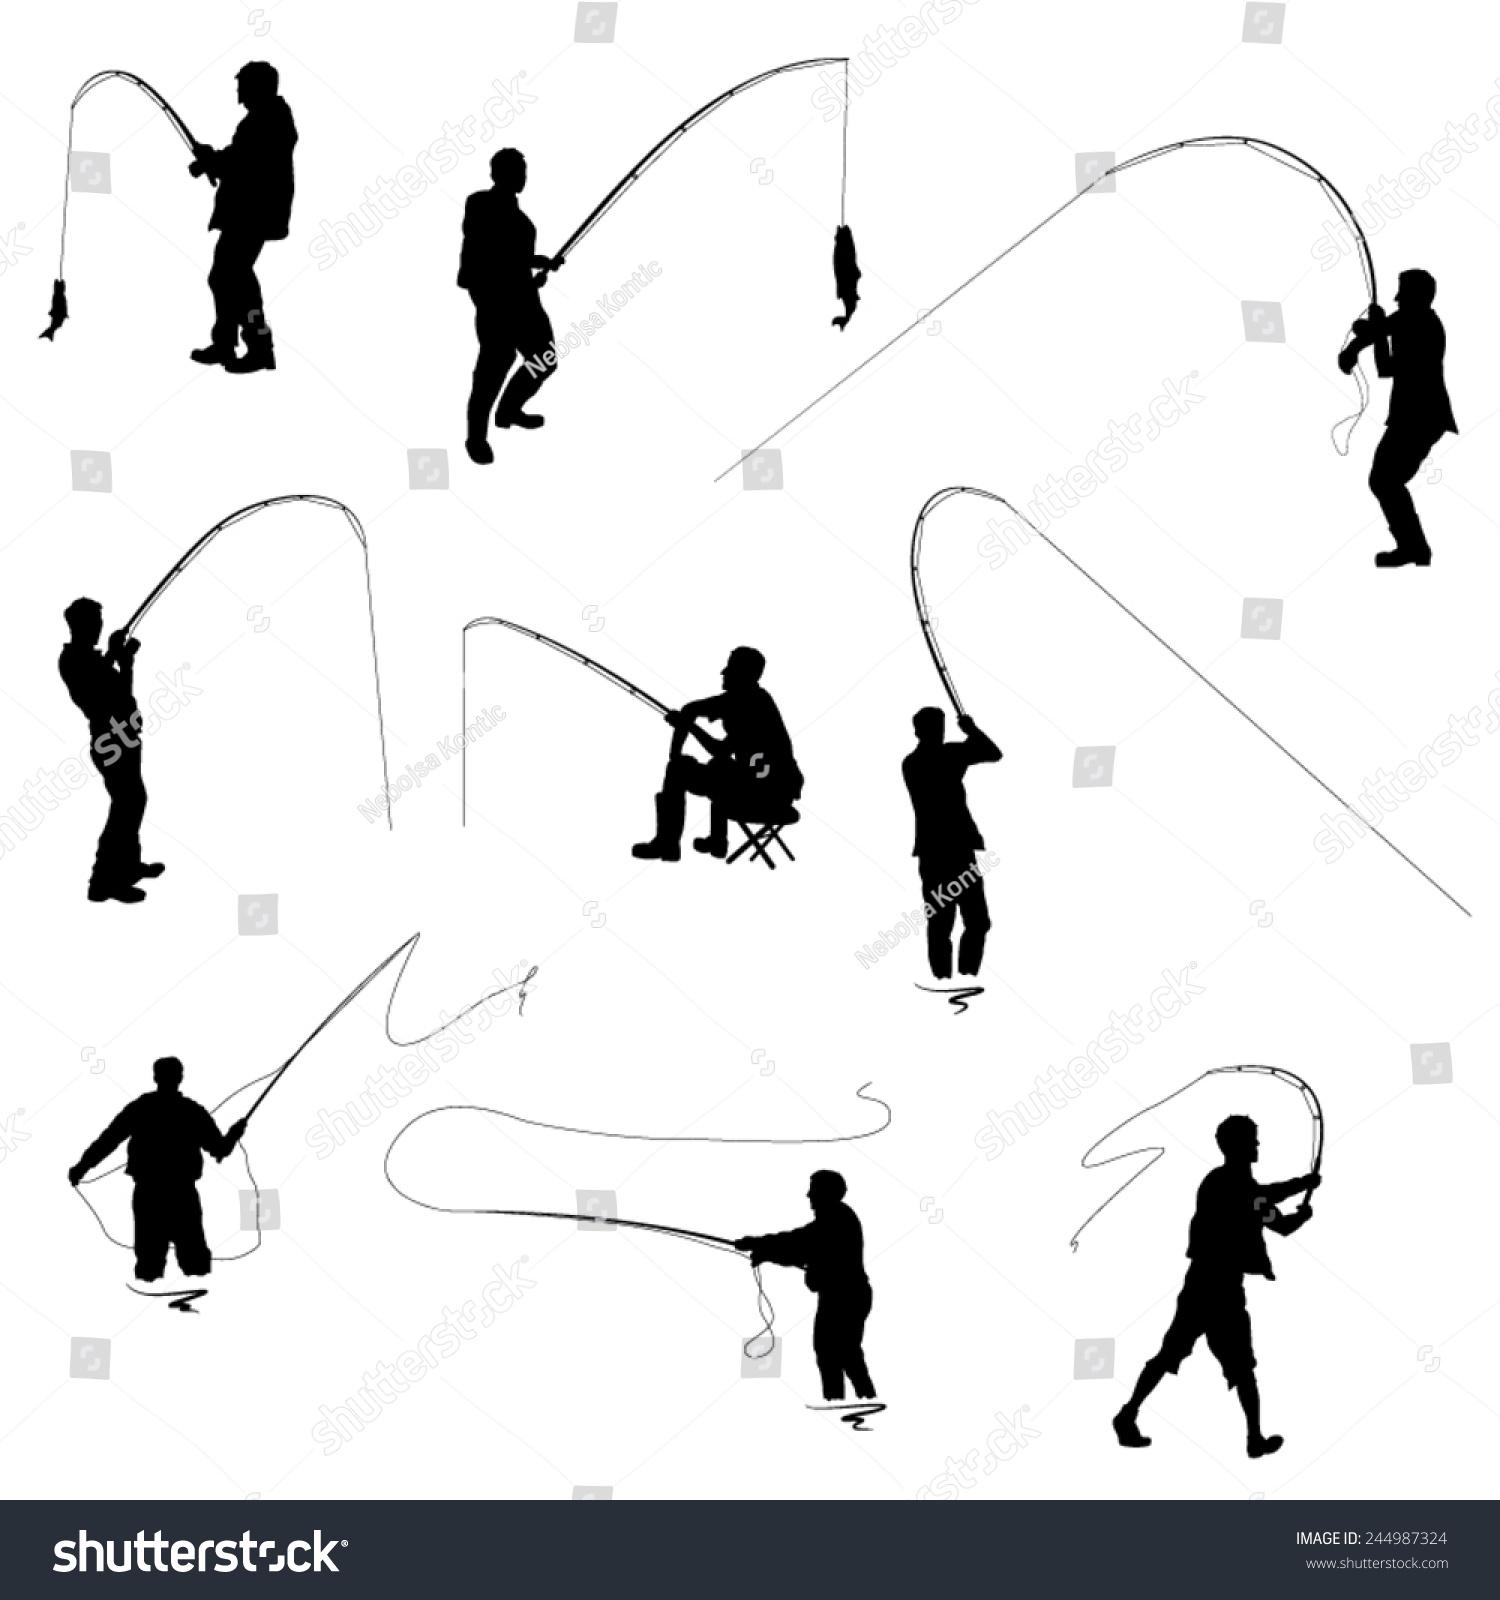 矢量图-人物,运动/娱乐活动-海洛创意()-.